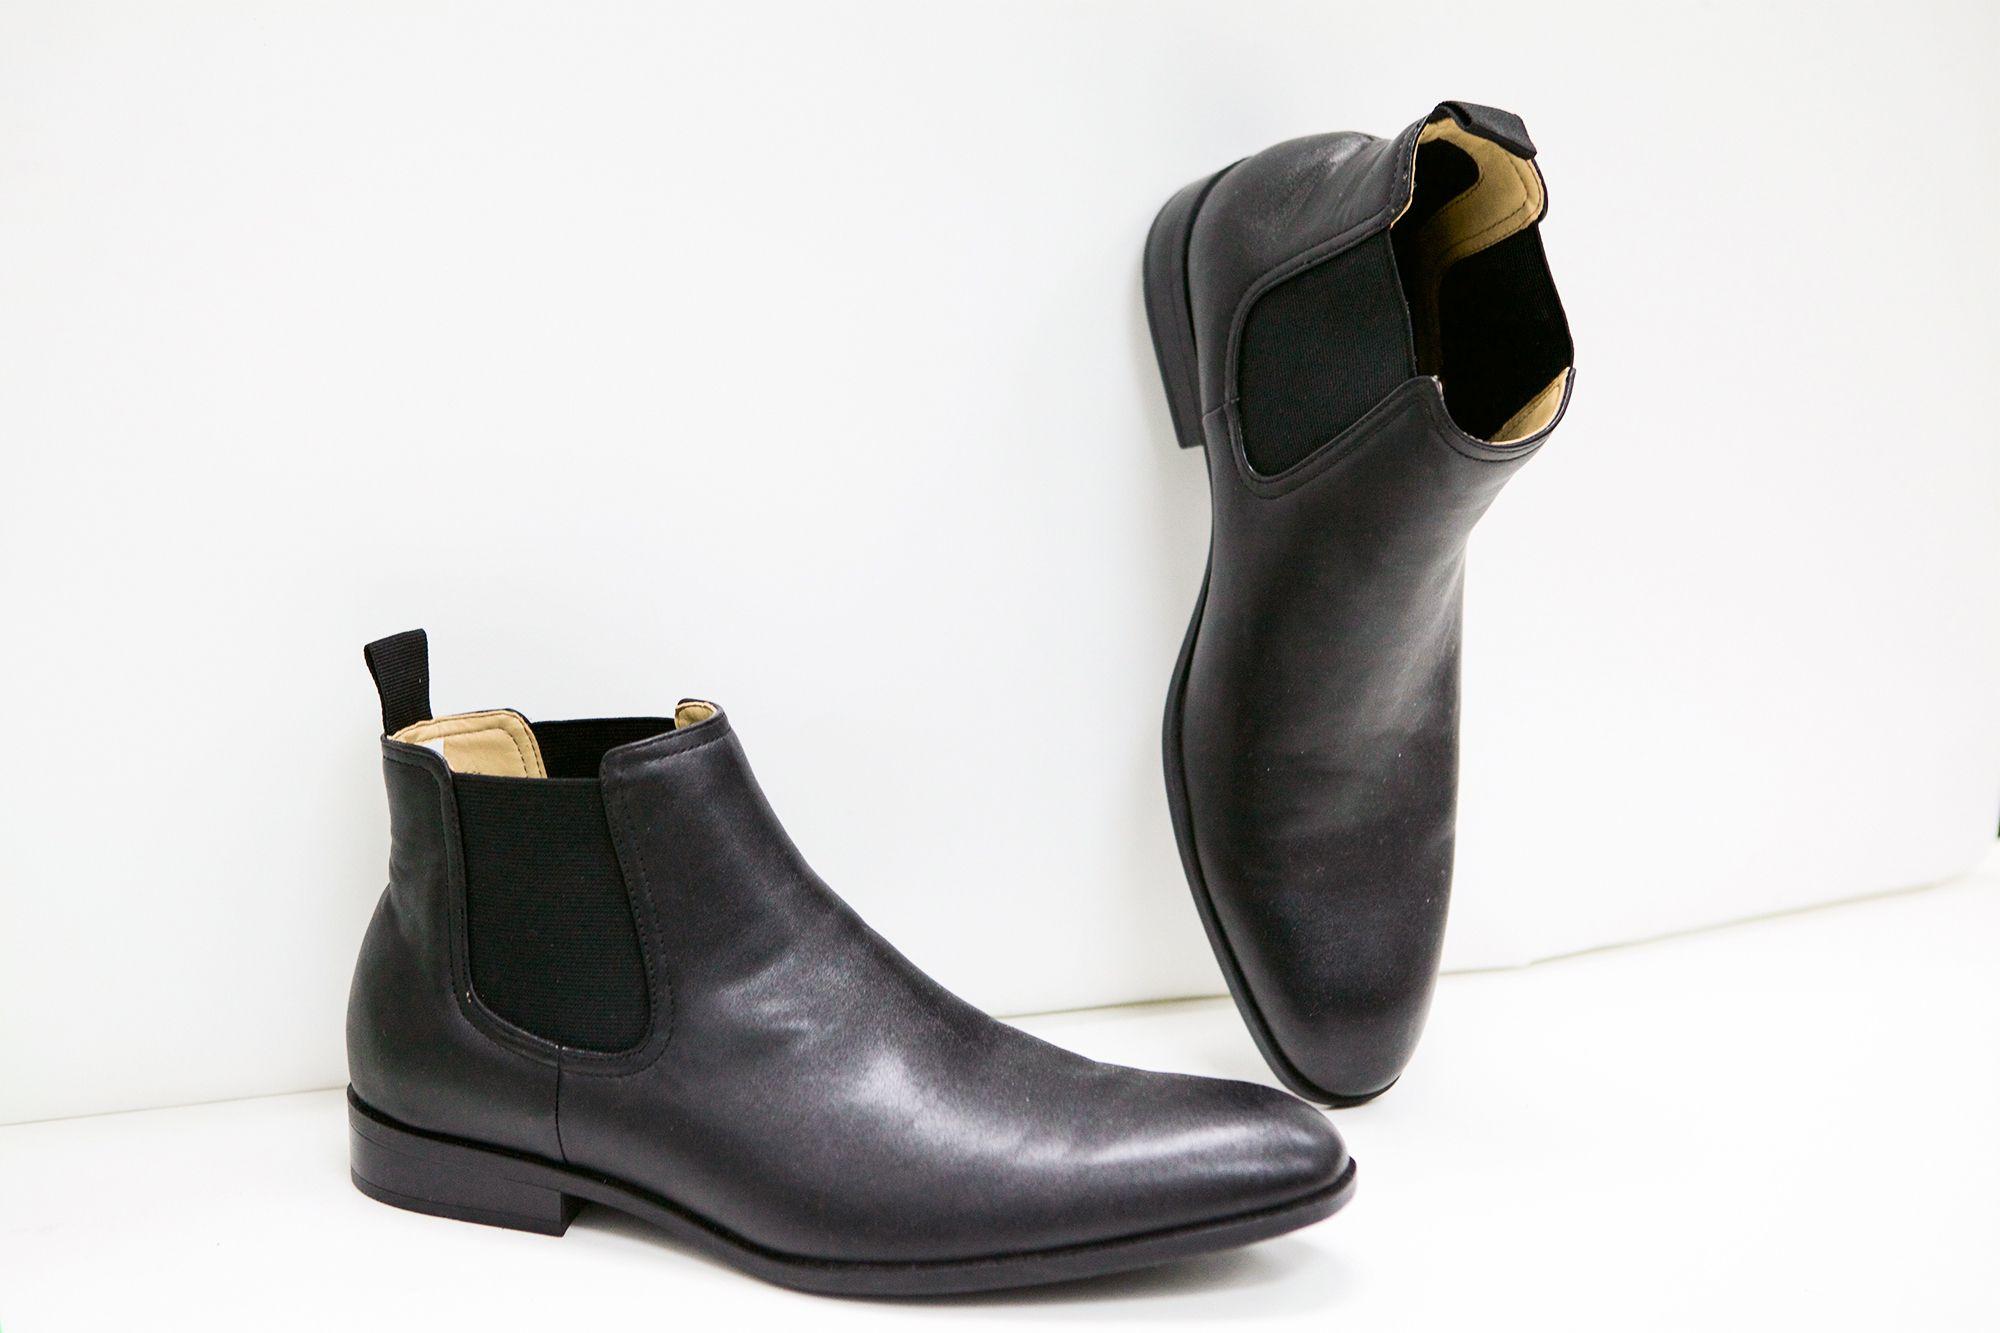 H\u0026M Slip On Men's Chelsea Boot (Size 9